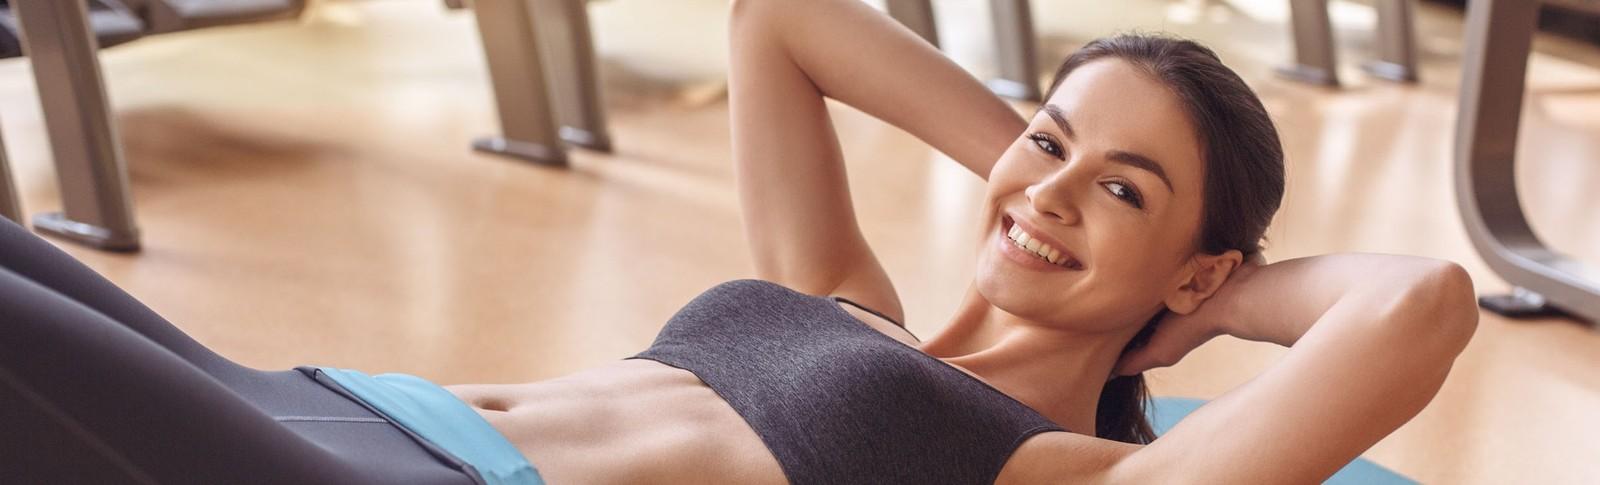 Junge Frau kann nach erfolgreicher Hautstraffung nach Gewichtsabnahme mit neugewonnener Freude Sport machen.